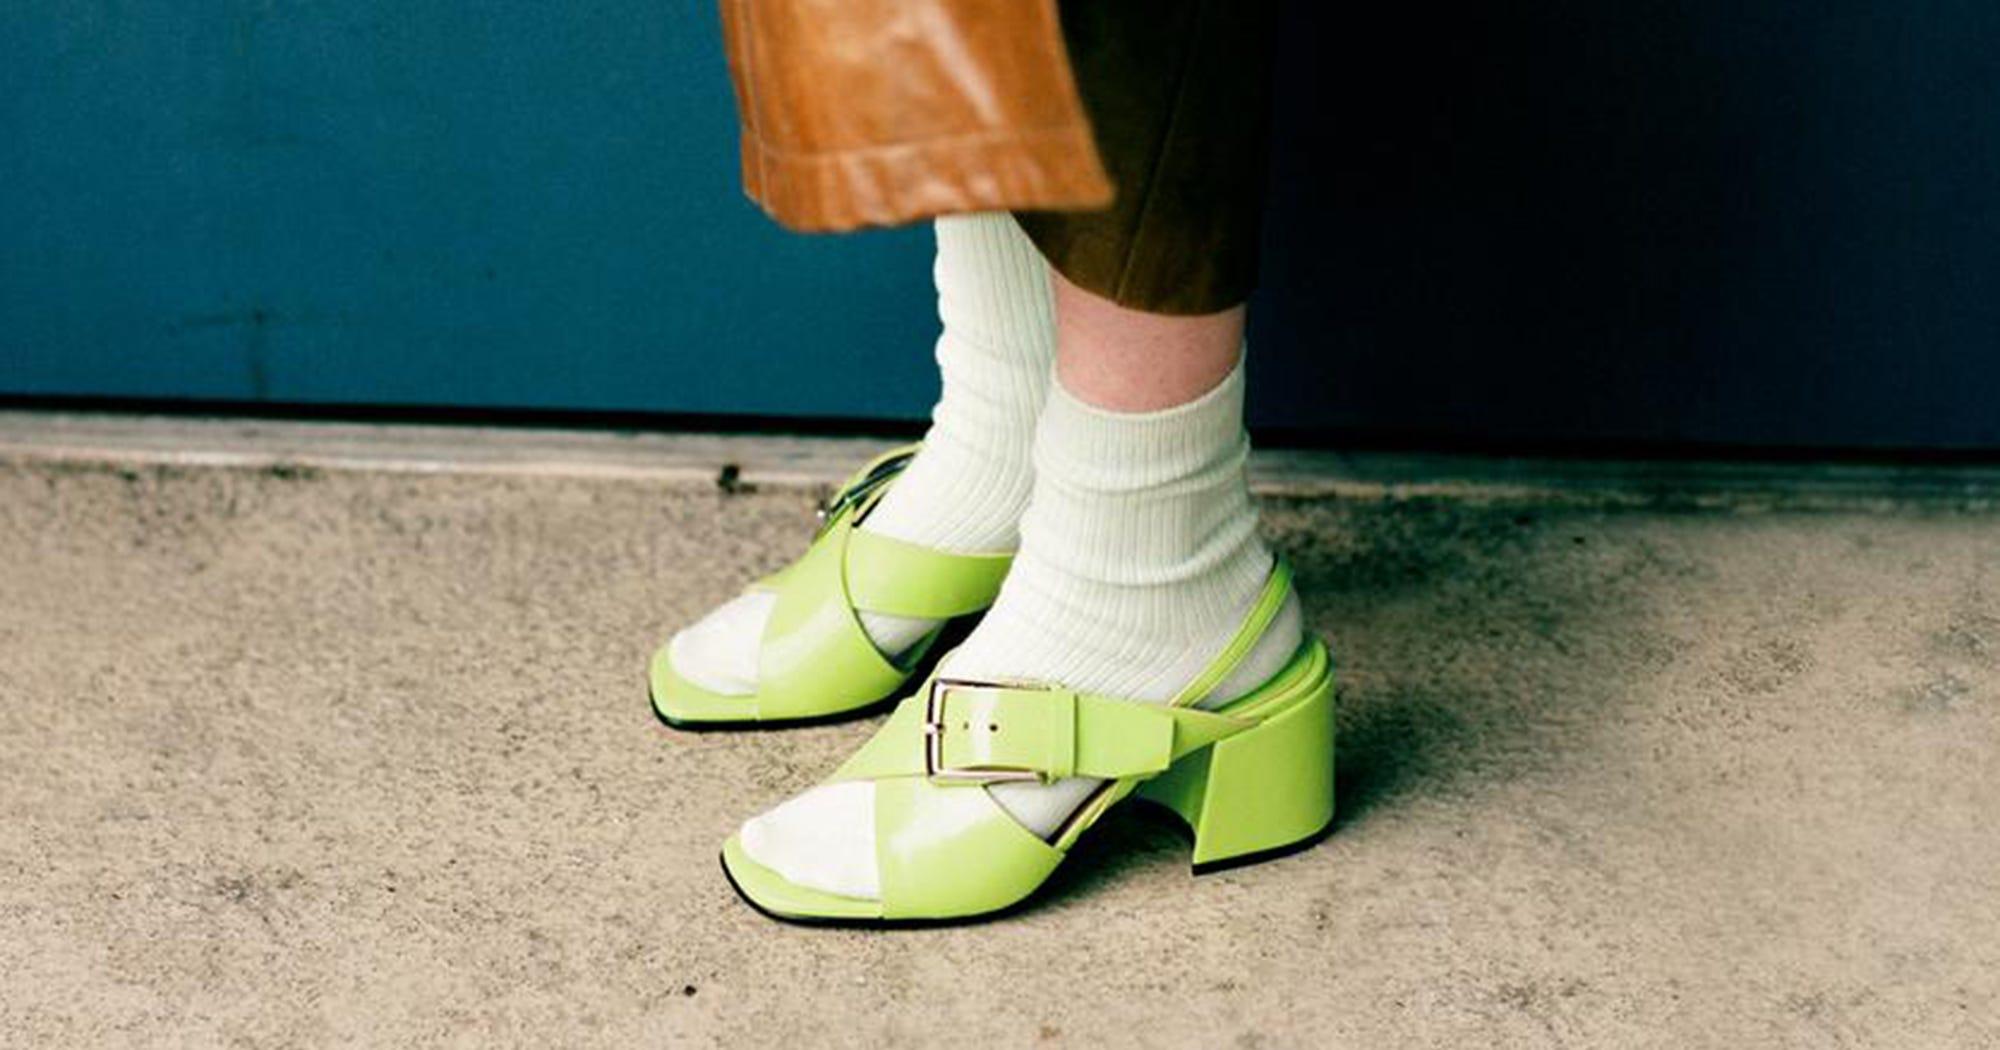 Sandal 2019 Summer Trends Summer Color Sandal Color Trends Summer Sandal Trends 2019 Color LSVUqzMpG